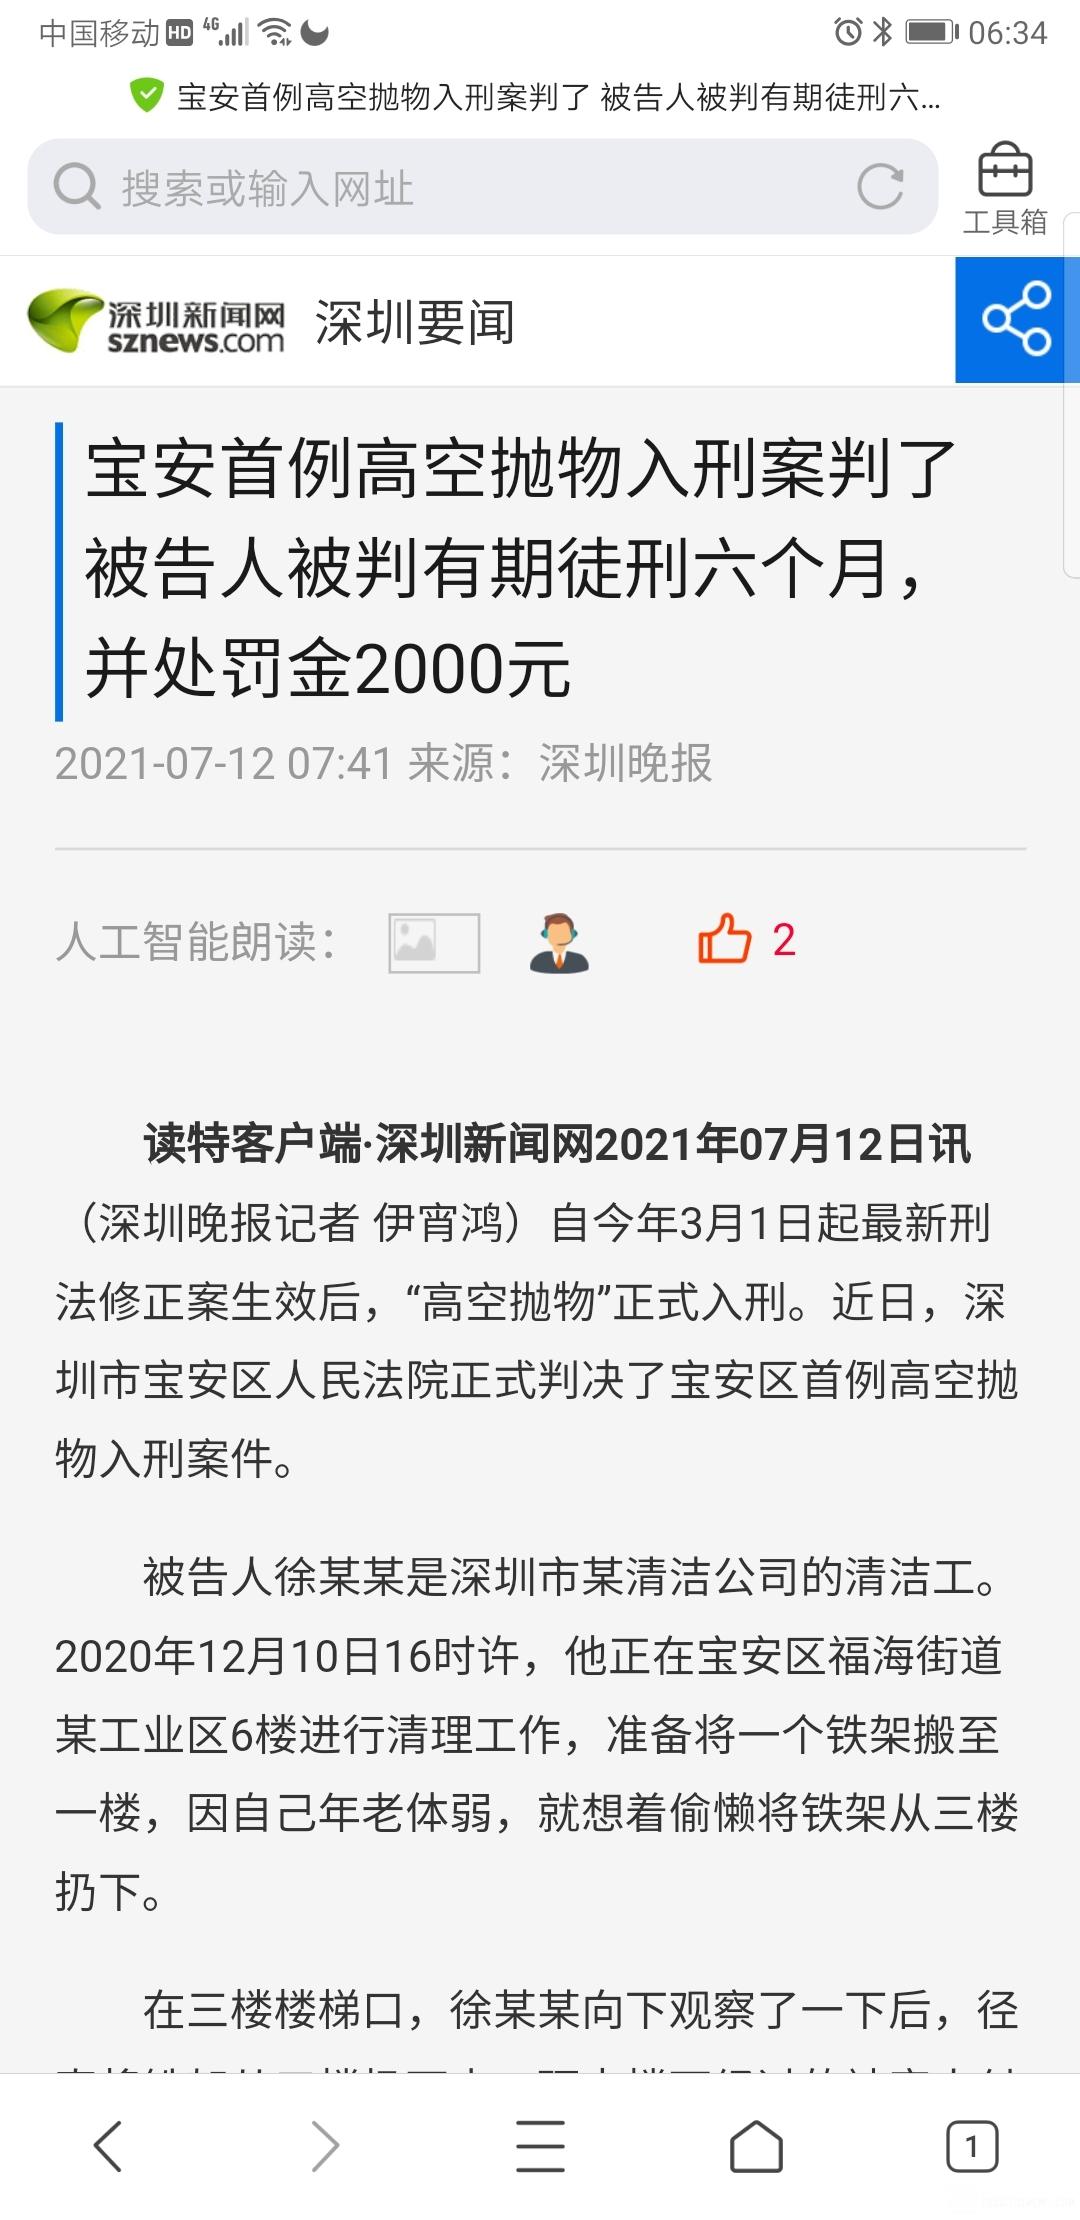 Screenshot_20210713_063412_com.tencent.mtt.jpg